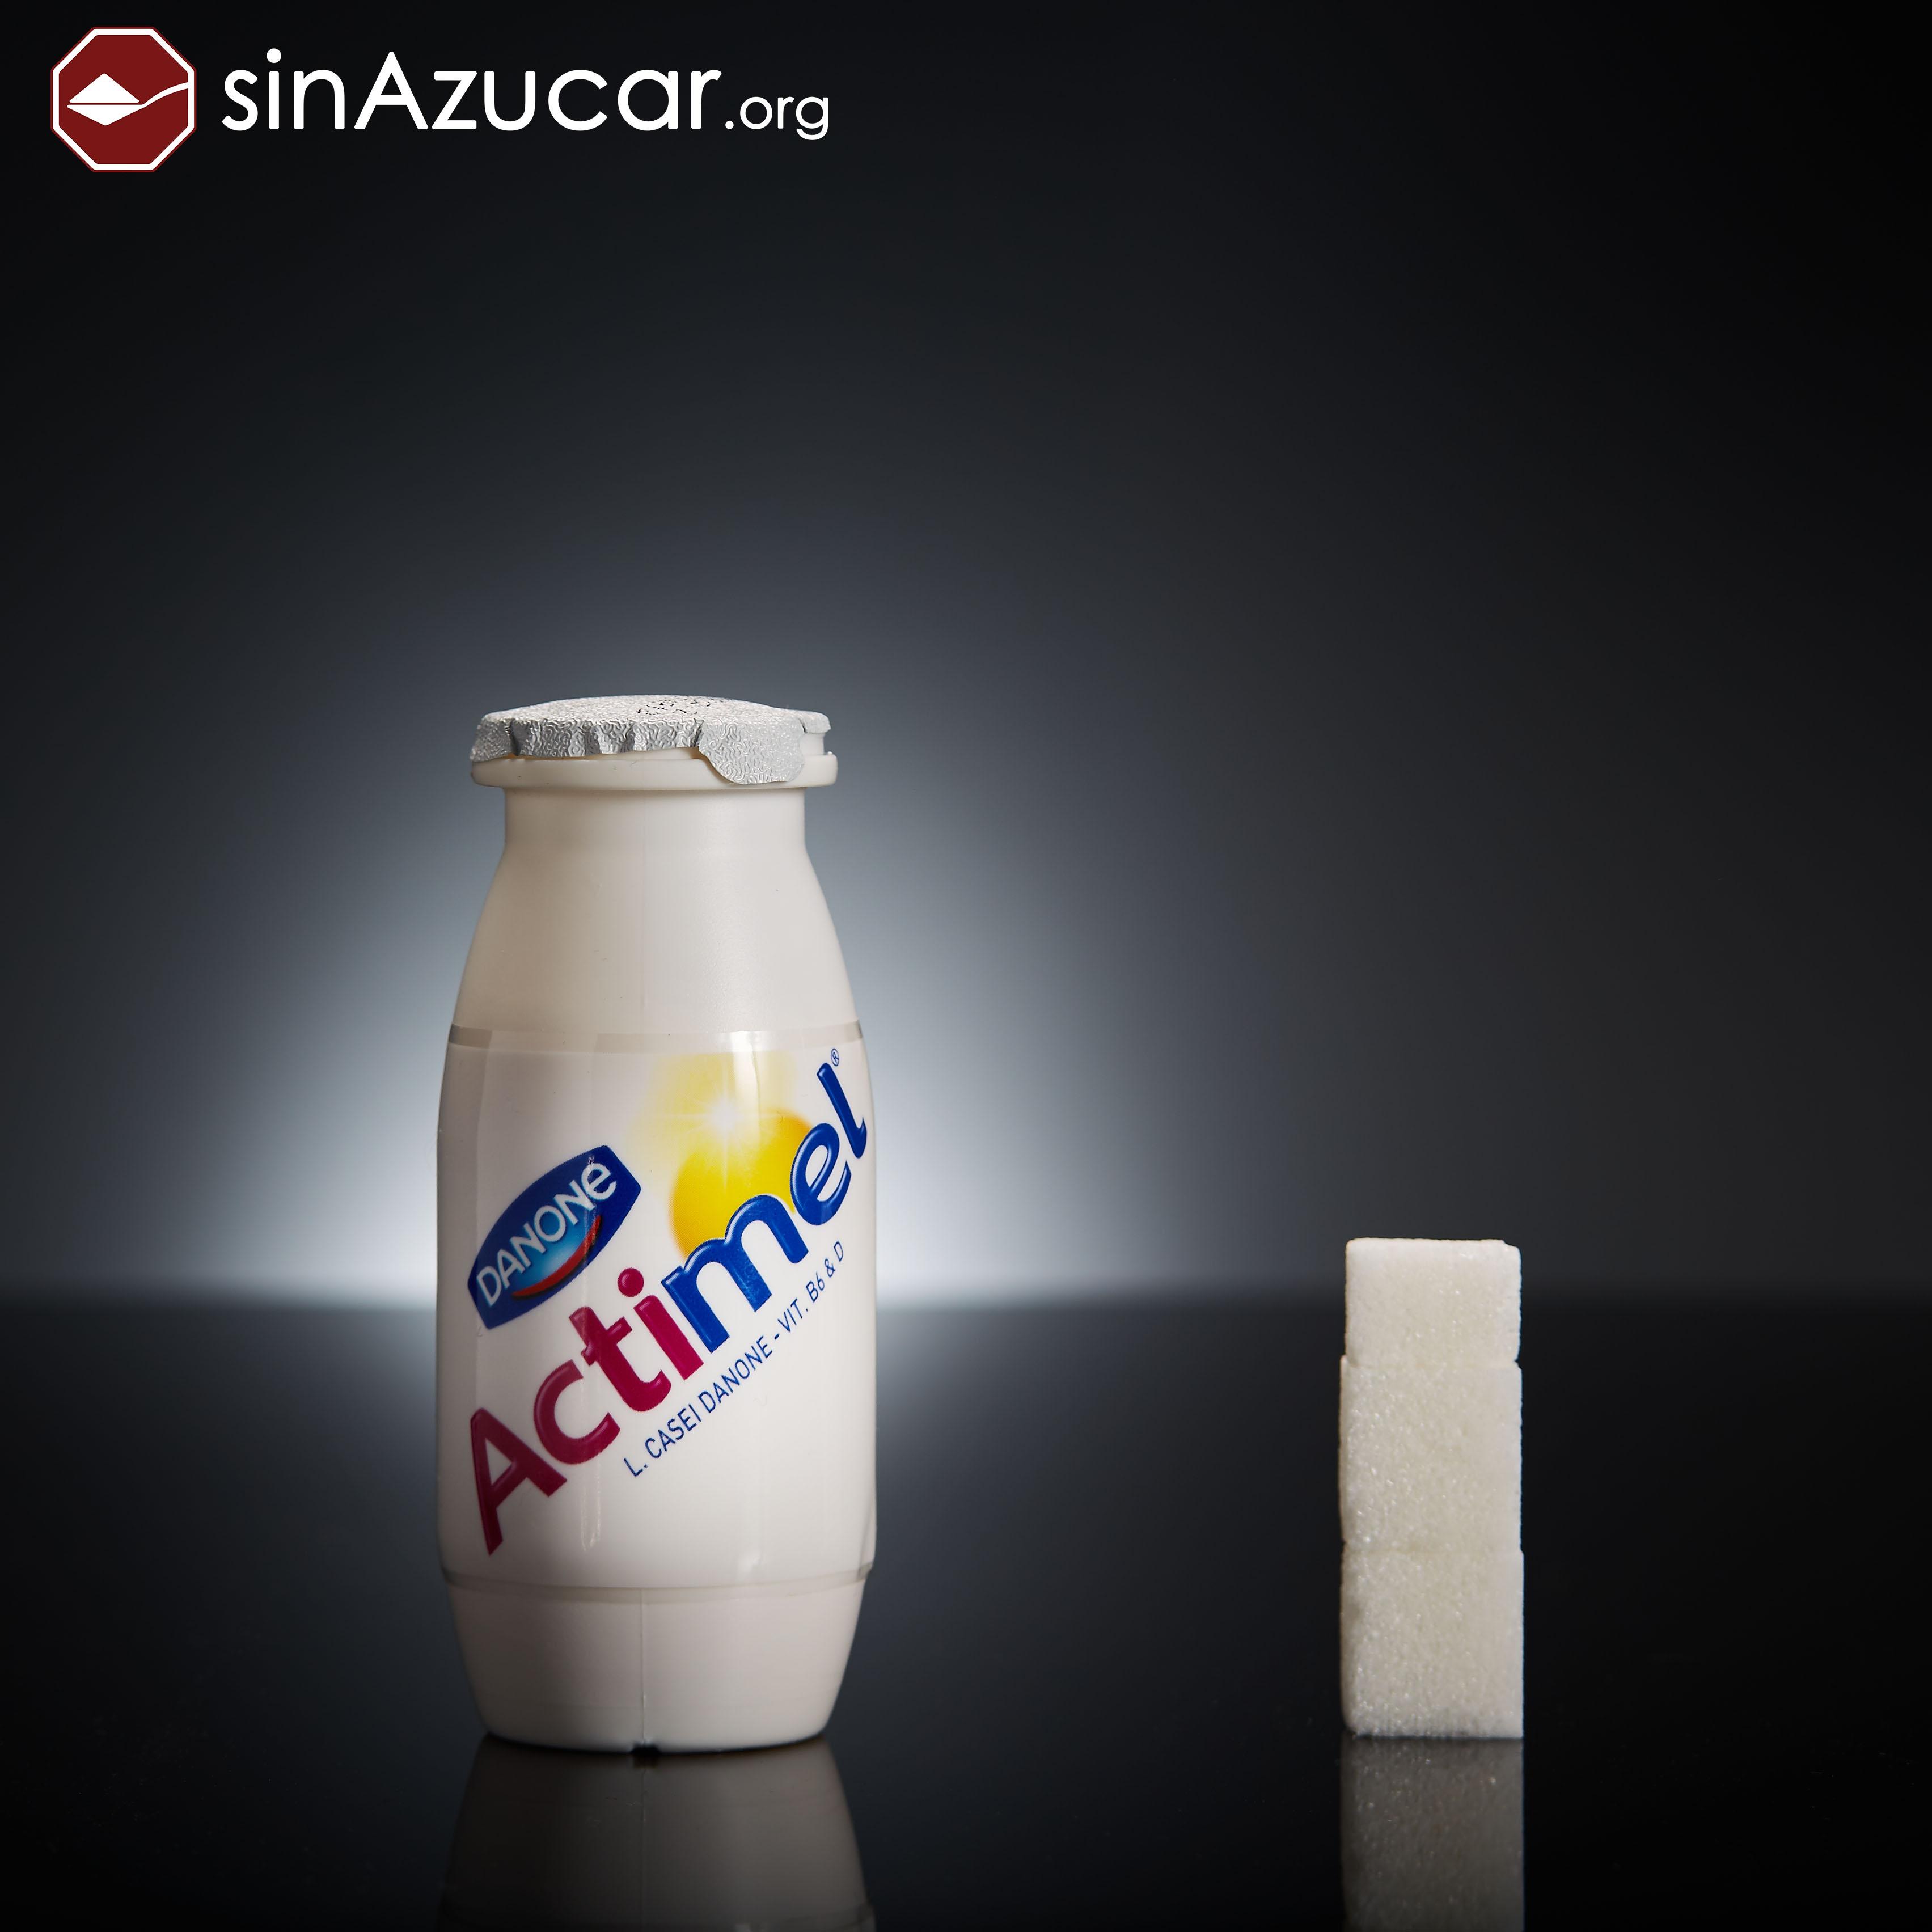 31_actimel